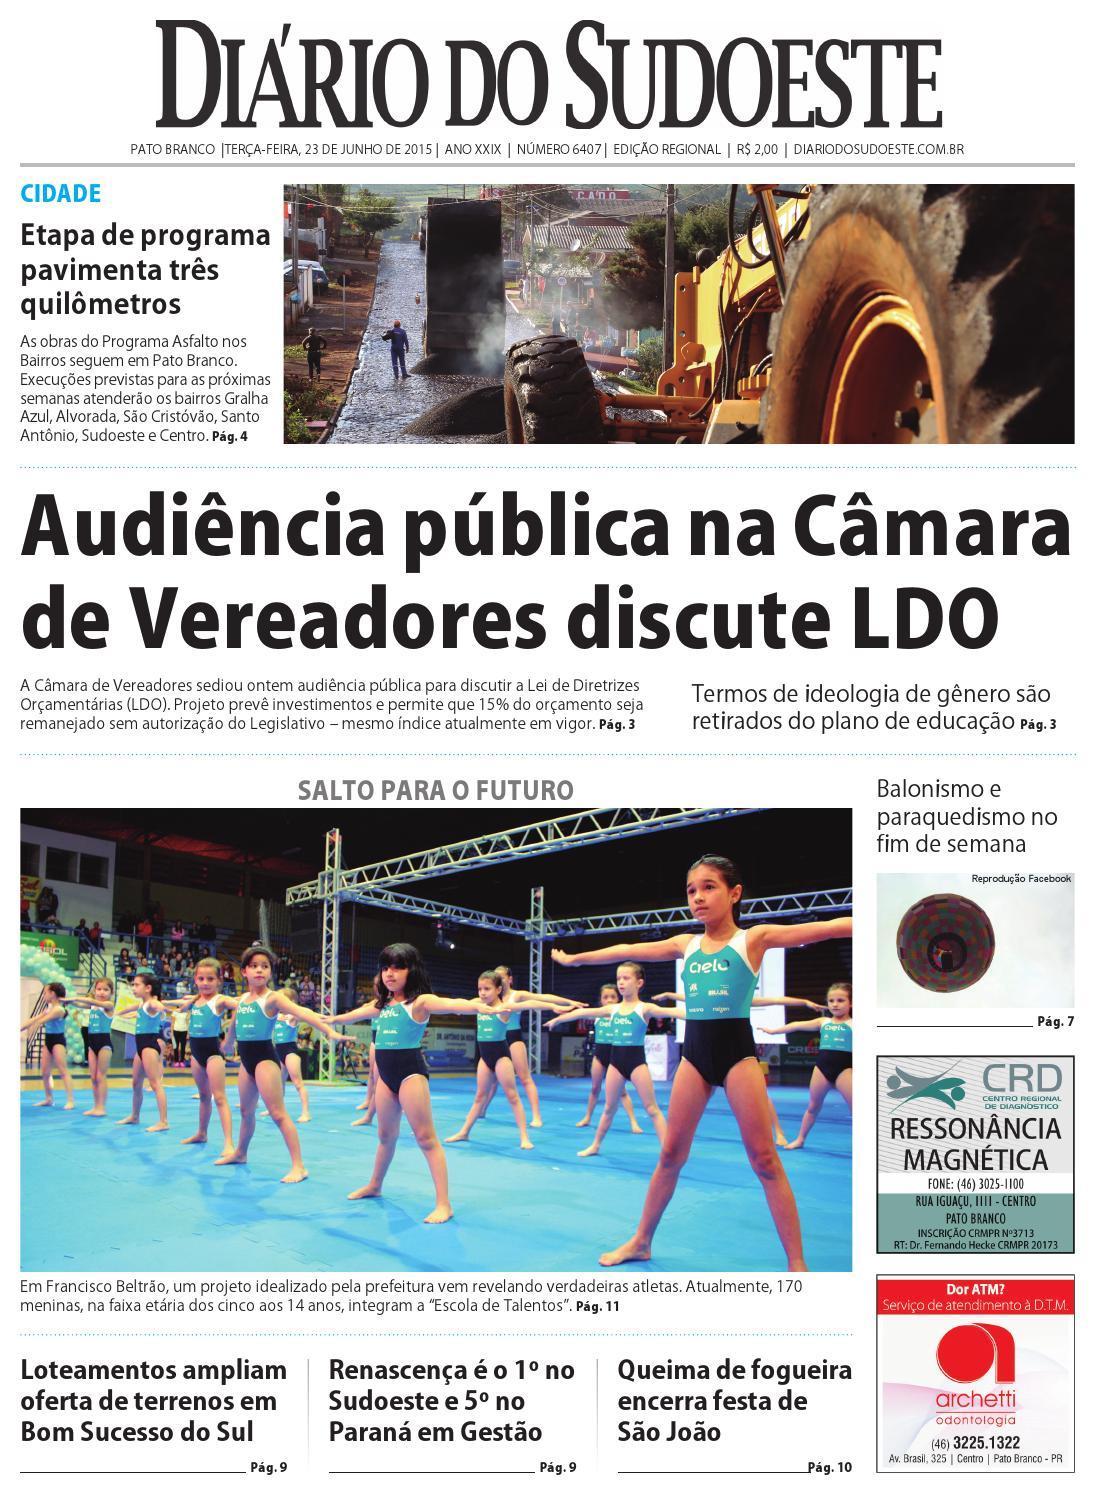 55e273ed43d Diário do sudoeste 23 de junho de 2015 ed 6407 by Diário do Sudoeste - issuu